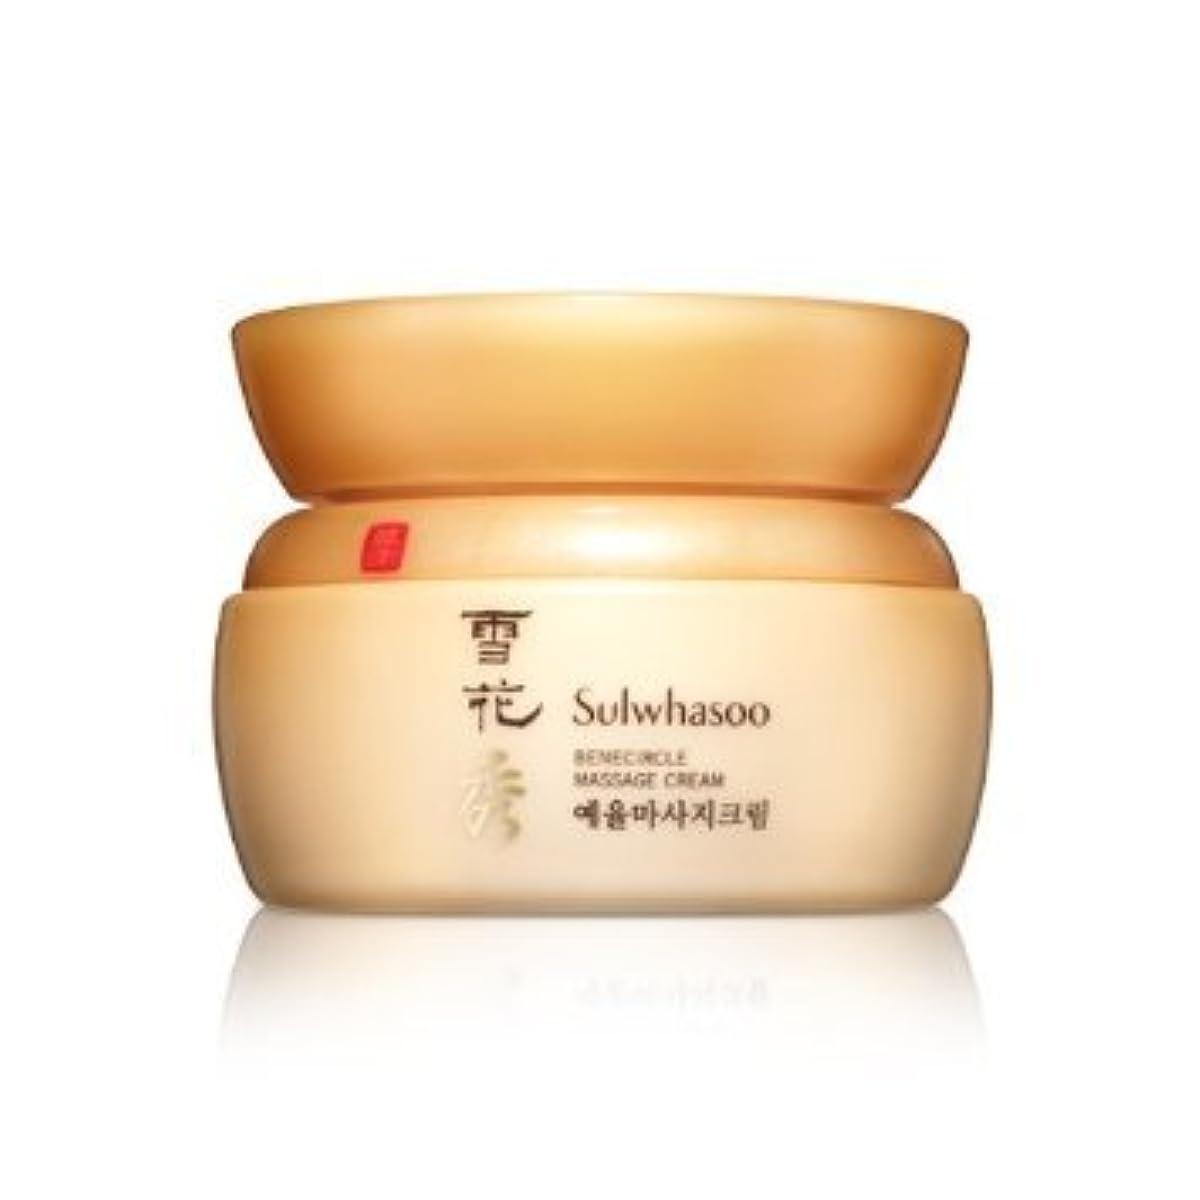 独裁者驚くべき工場[Sulwhasoo] Benecircle Massage Cream (Yae Yul Massage Cream) 180ml / FREE Gift Wrap![並行輸入品]